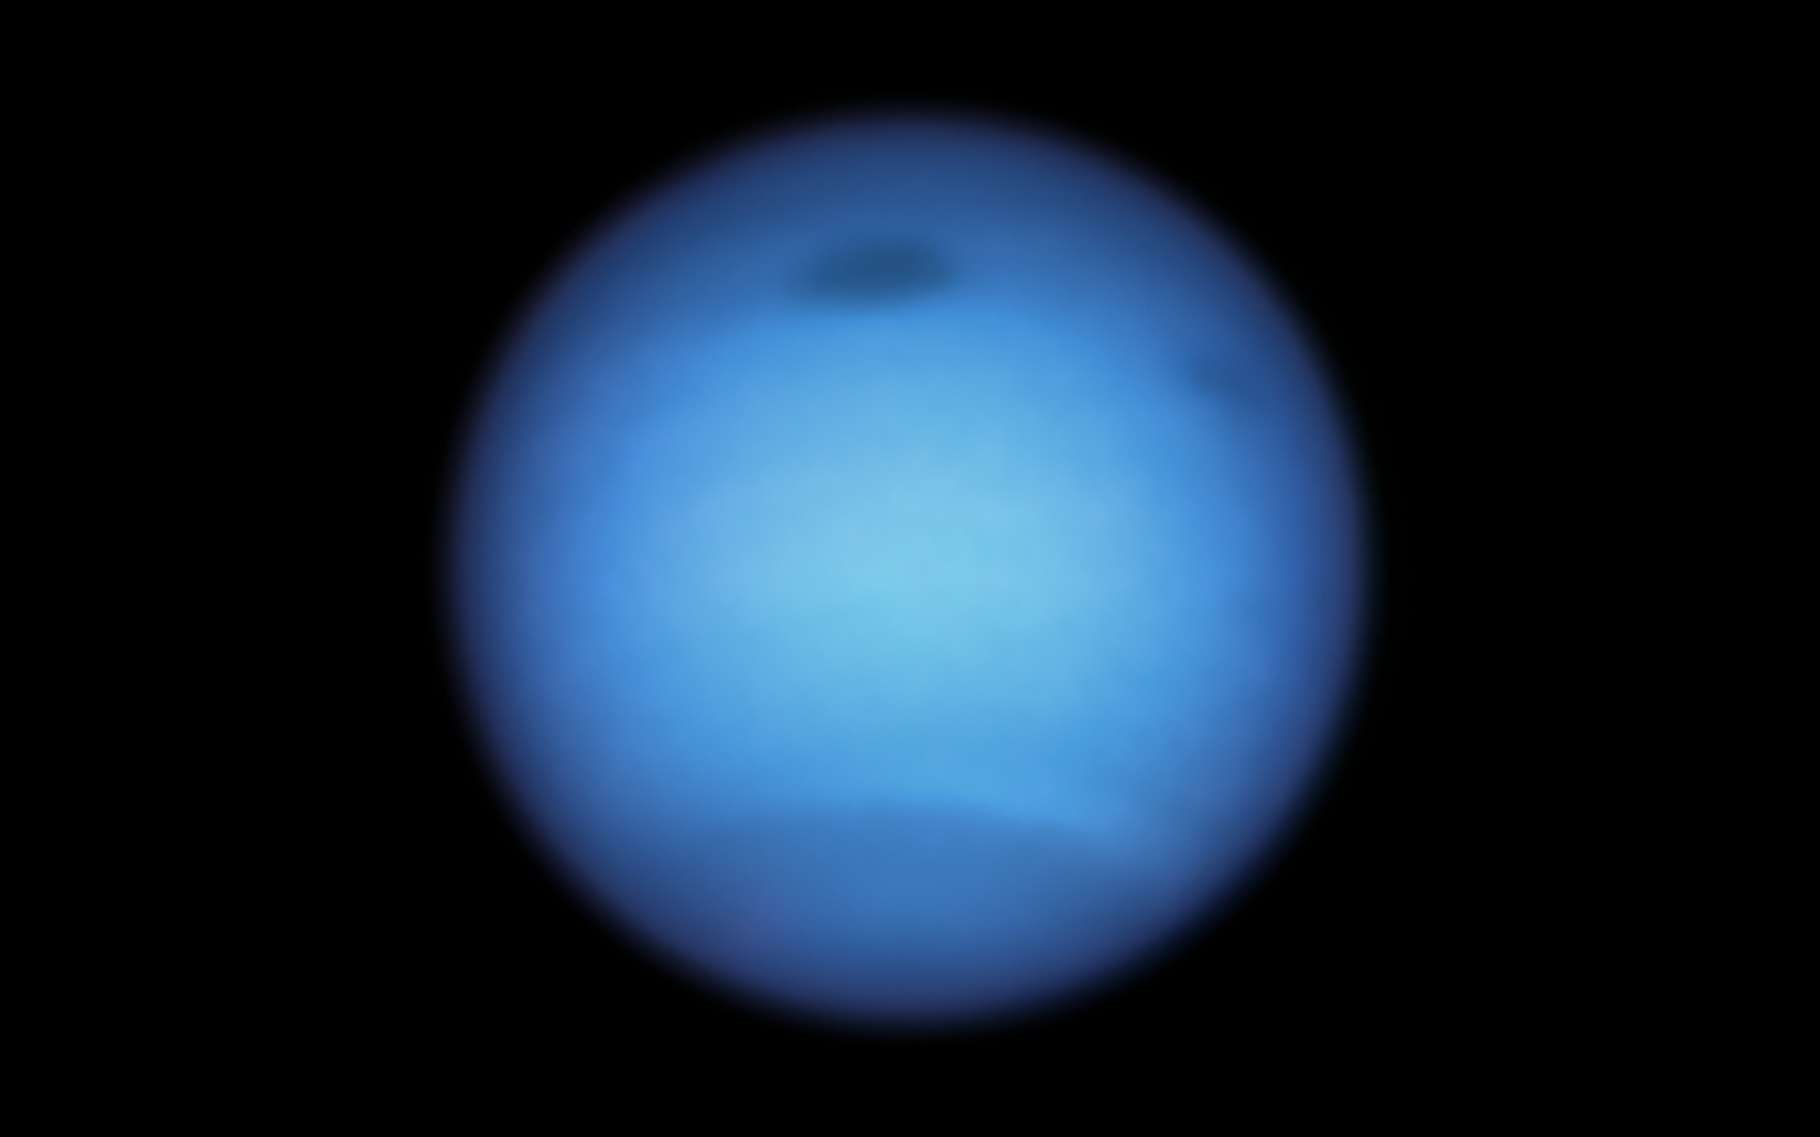 Dans l'atmosphère de Neptune, un vortex géant — en haut au centre de la planète sur cette image — se dirigeait tranquillement vers l'équateur lorsqu'il a soudainement fait demi-tour pour repartir vers le nord. © Nasa, ESA, STScI, M.H. Wong (Université de Californie, Berkeley), et L.A. Sromovsky et P.M. Fry (Université du Wisconsin-Madison)